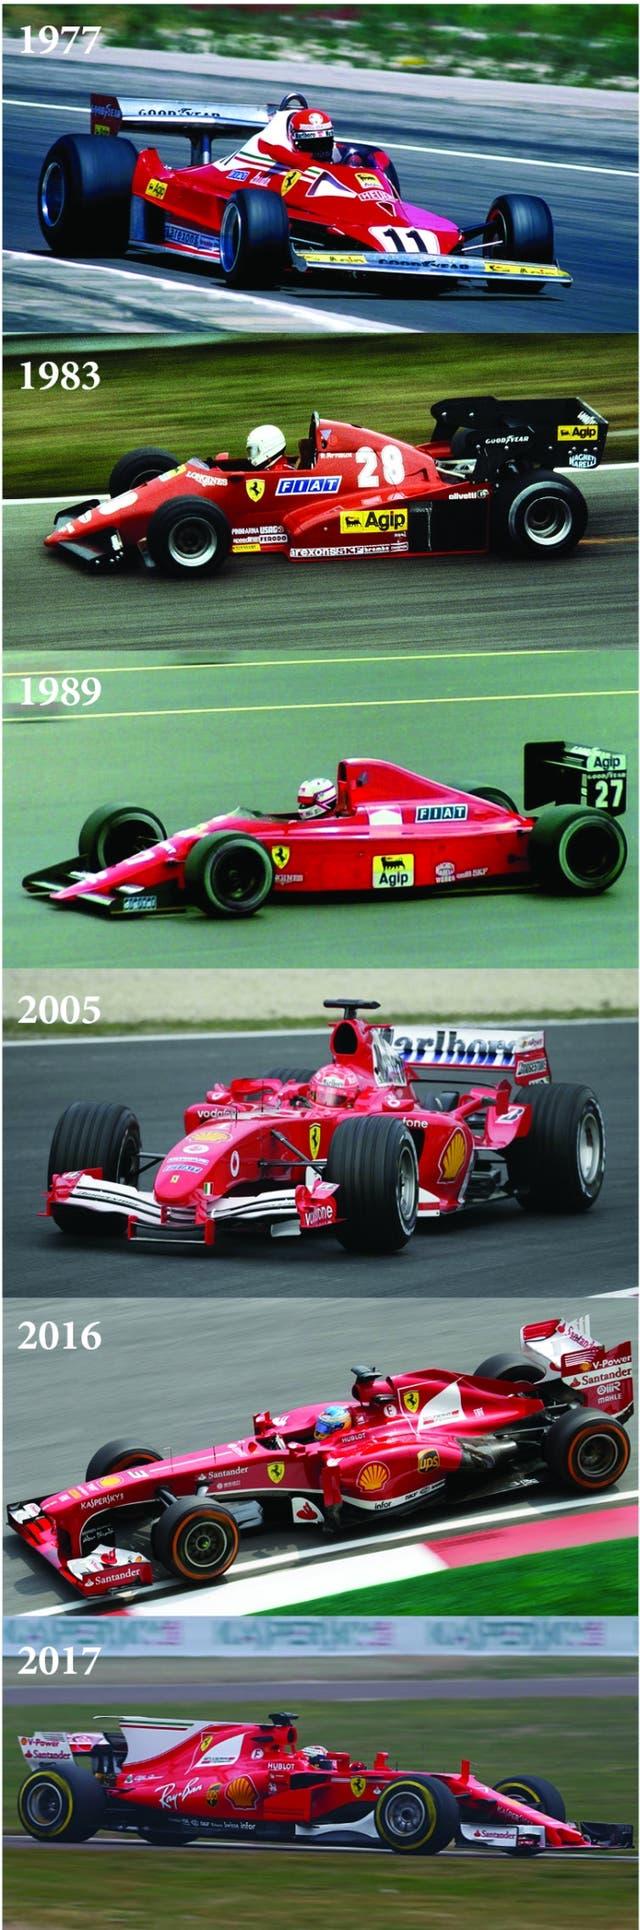 La evolución de la Fórmula 1 en los últimos 40 años se puede ver en esta secuencia de la marca que más pasiones genera, no sólo a nivel nacional sino en el plano internacional